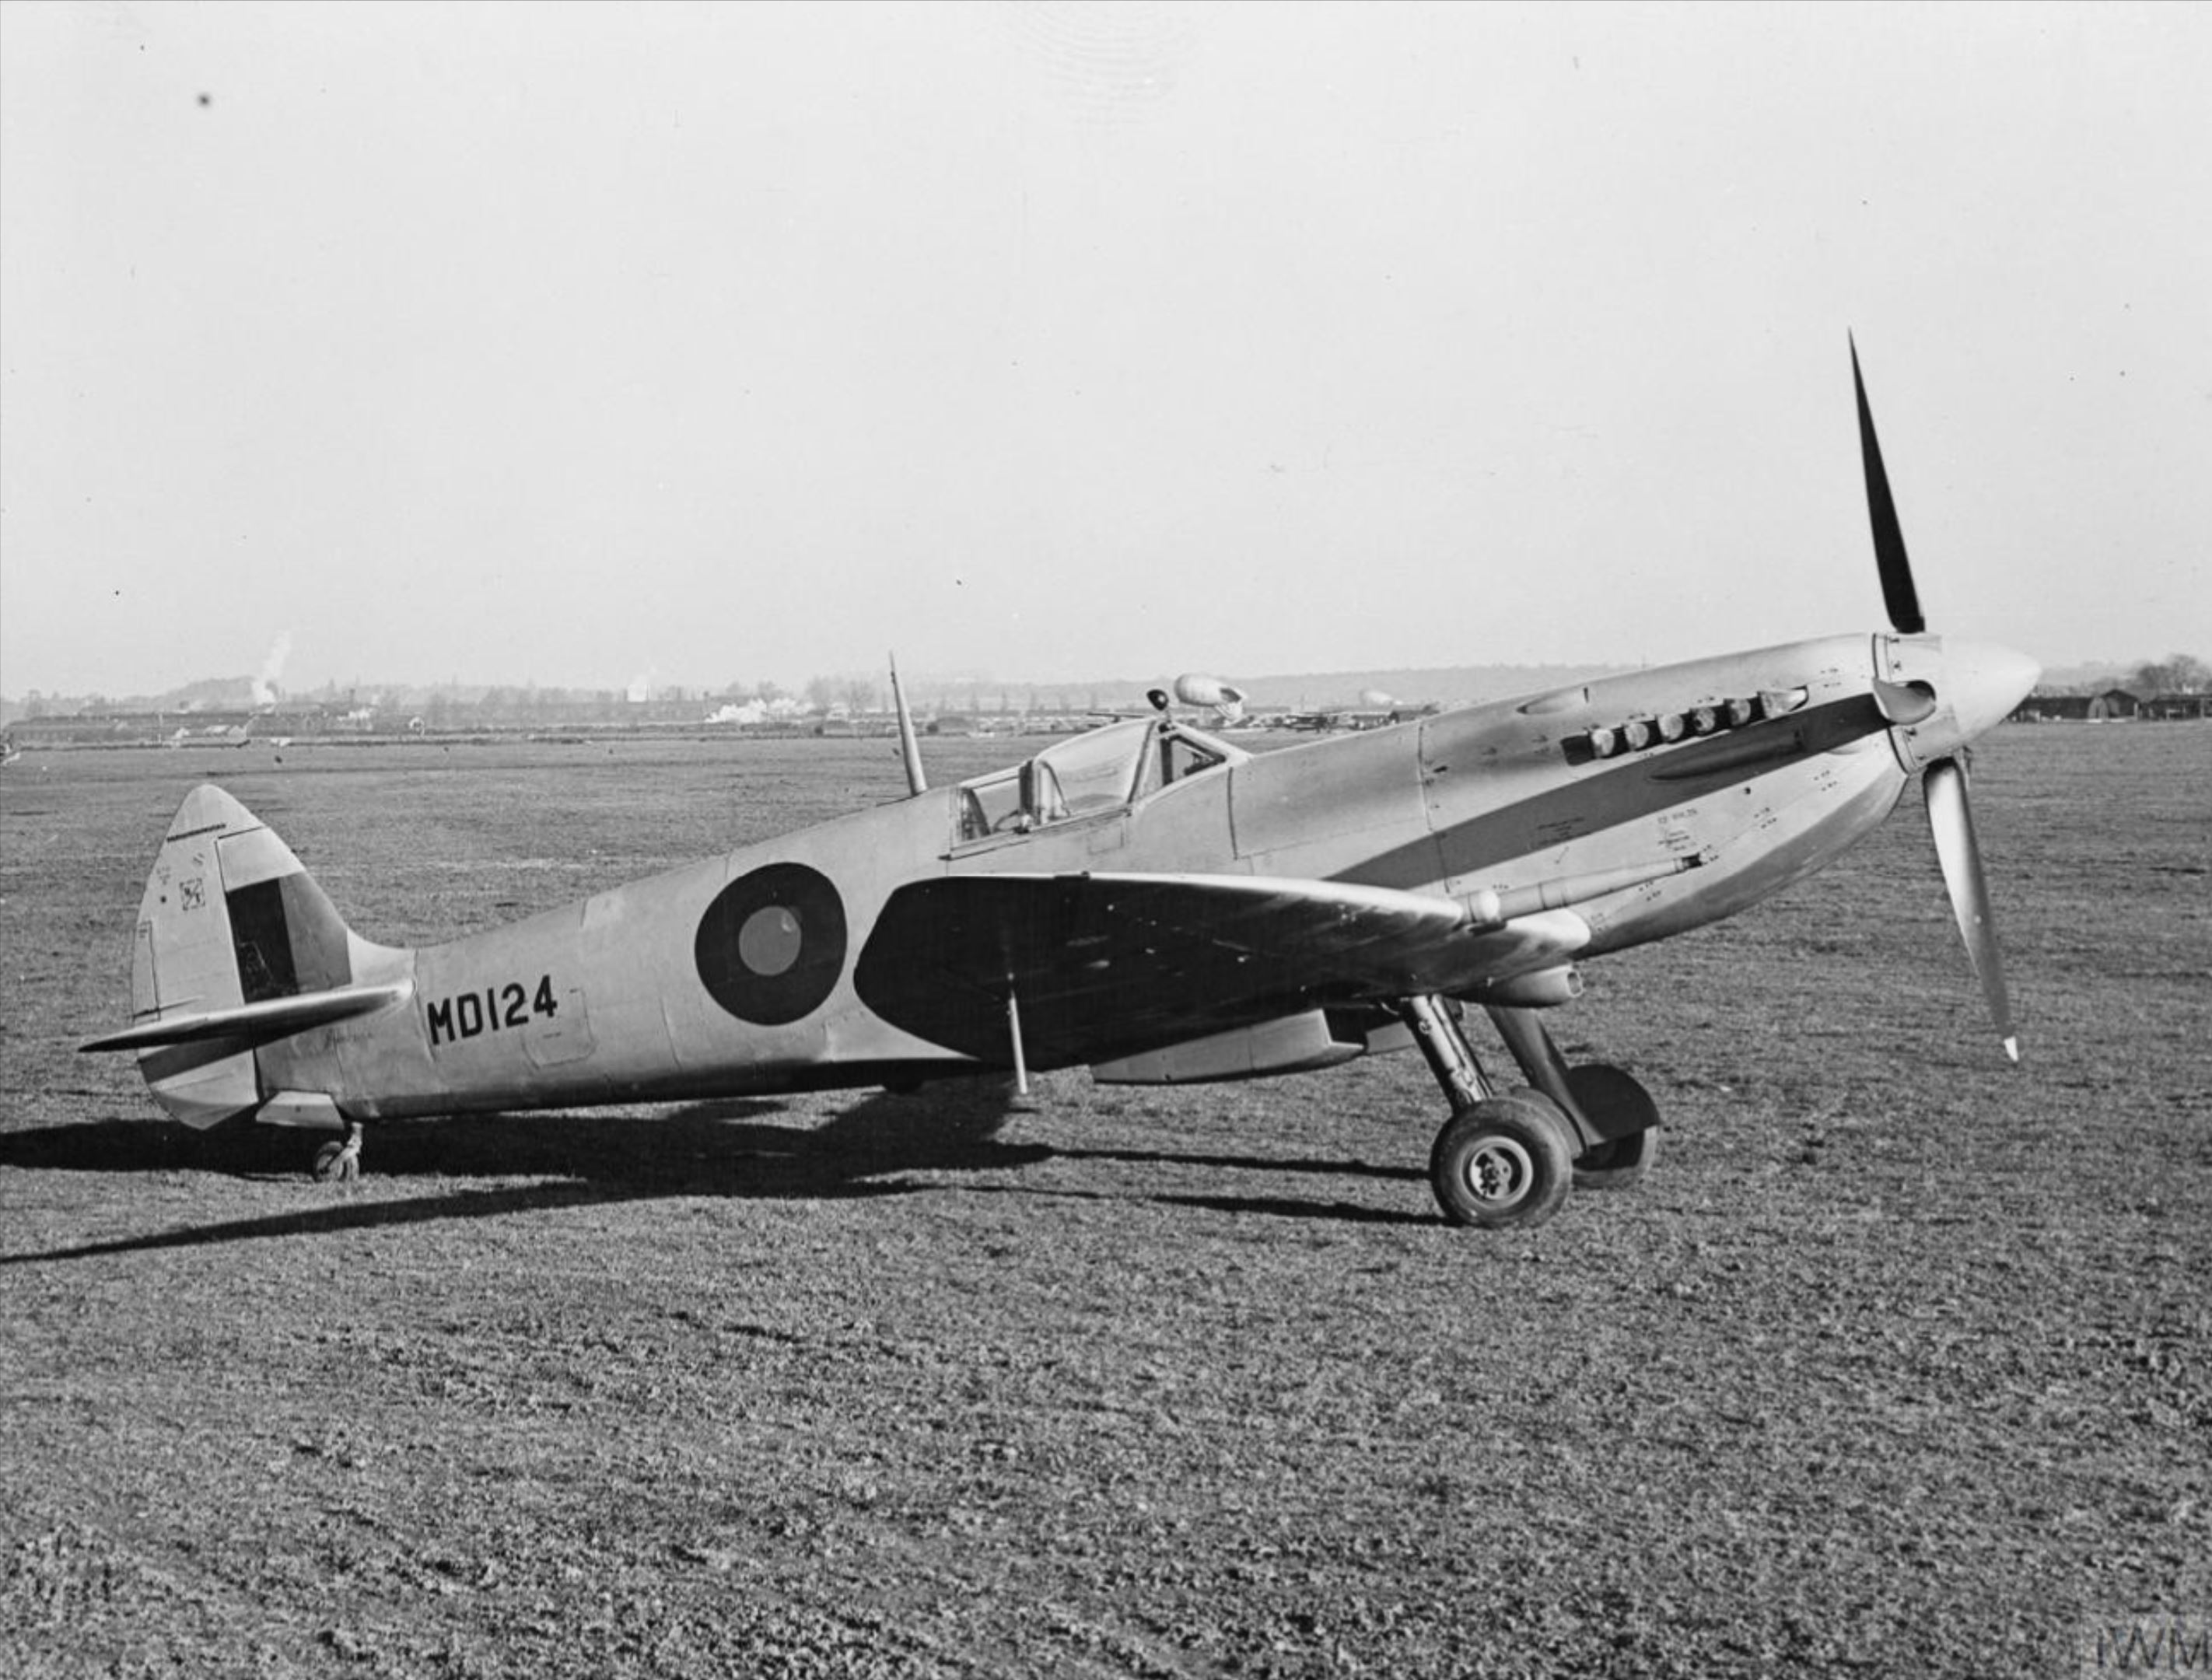 Spitfire HF7 Prototype MD124 side profile view England IWM HU1672